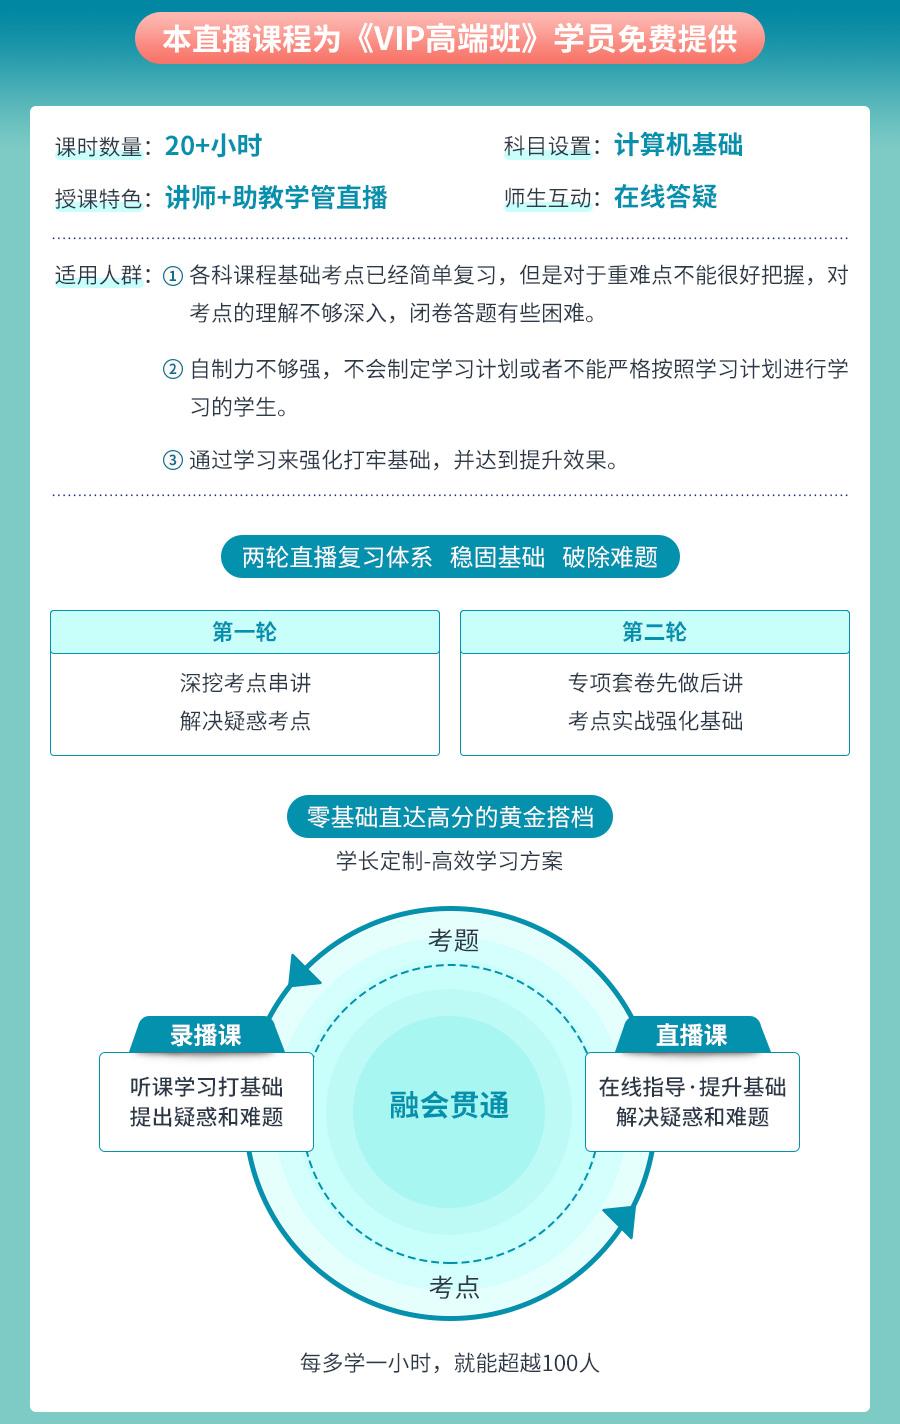 山东专升本基础单科计算机直播课程包装_02.jpg